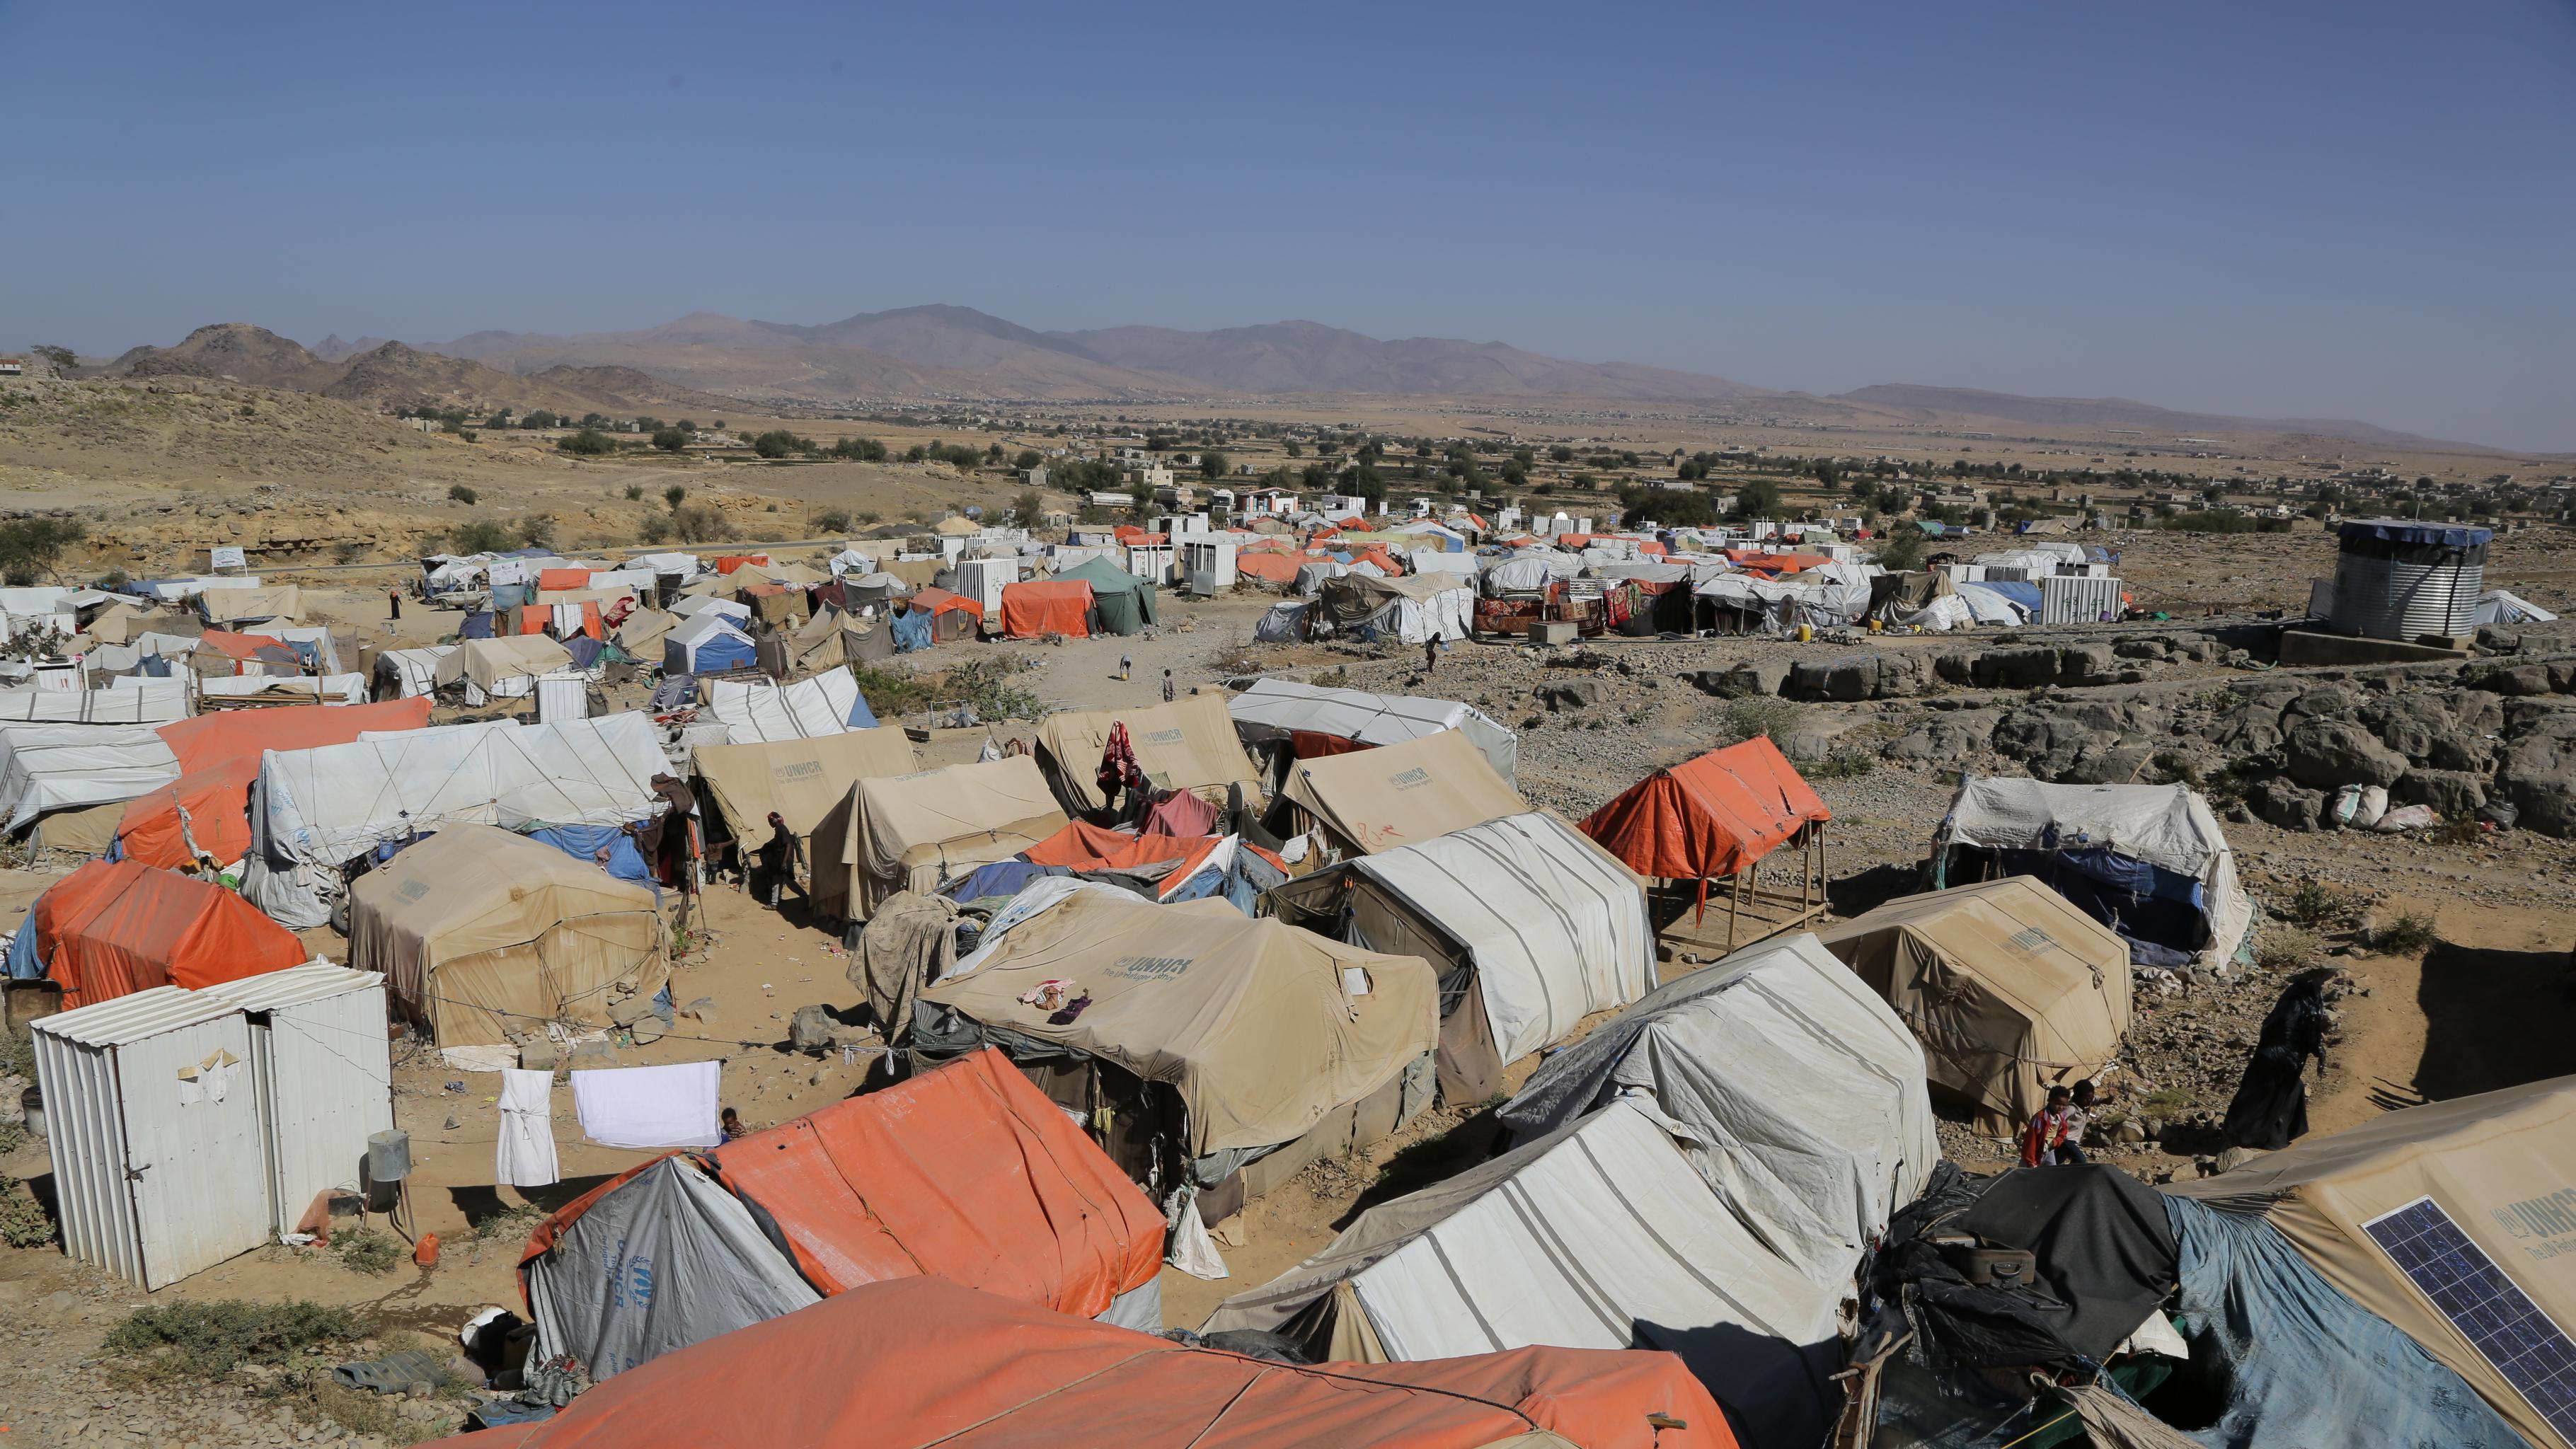 Ein Camp für Binnenflüchtlinge im Jemen. Oxfam versorgt die Menschen mit Trinkwasser und anderen lebensnotwendigen Dingen.